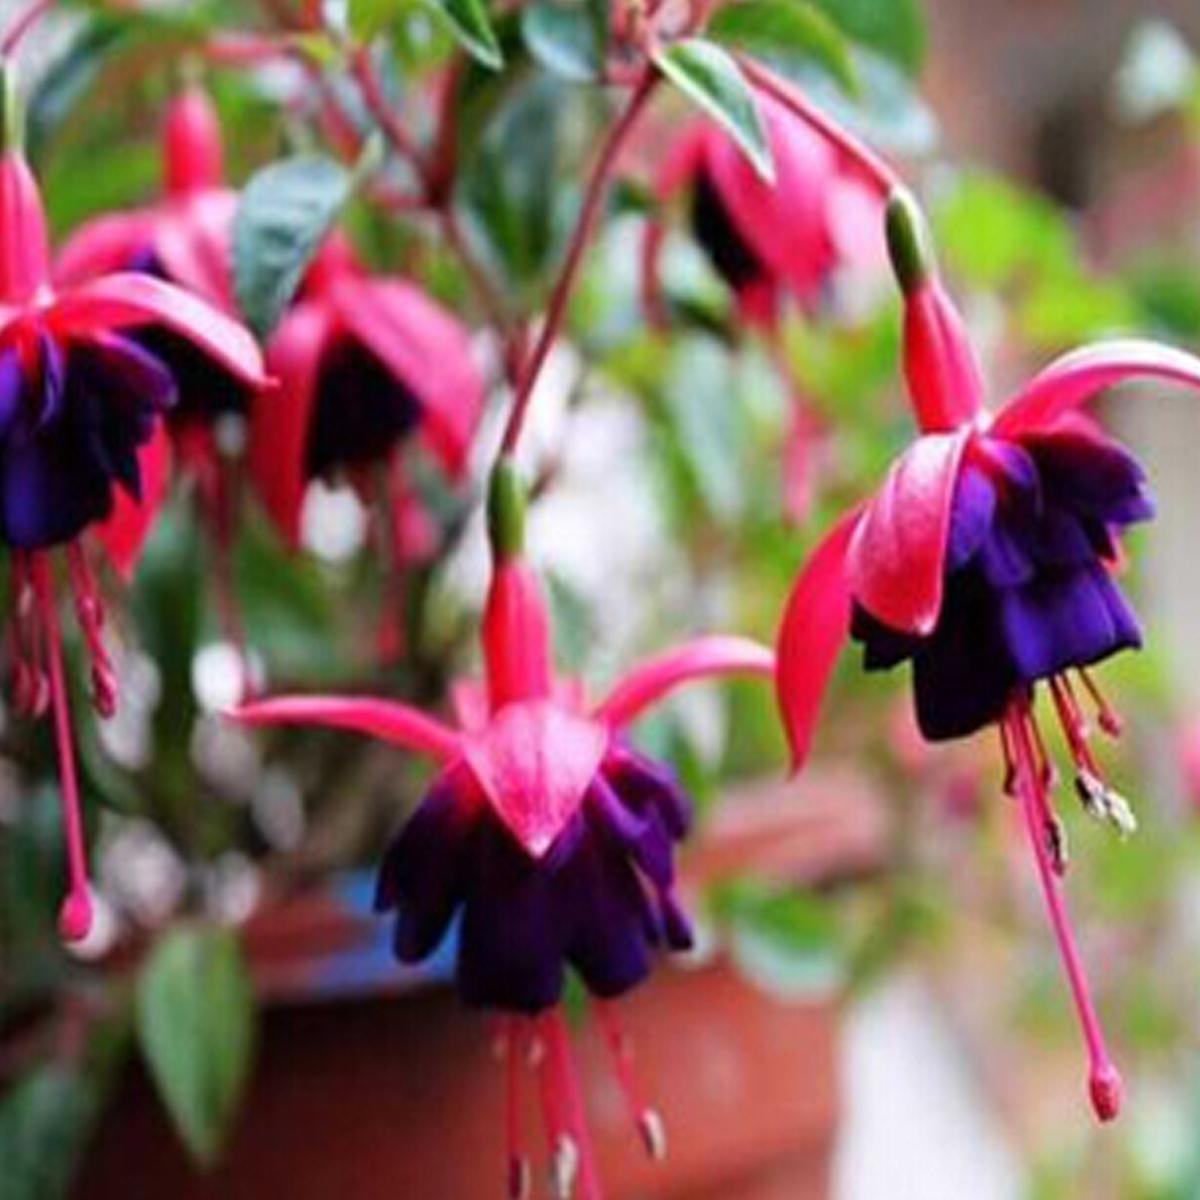 Hardy bush fuchsia flower seeds golden bell forsythia home for Home garden plants